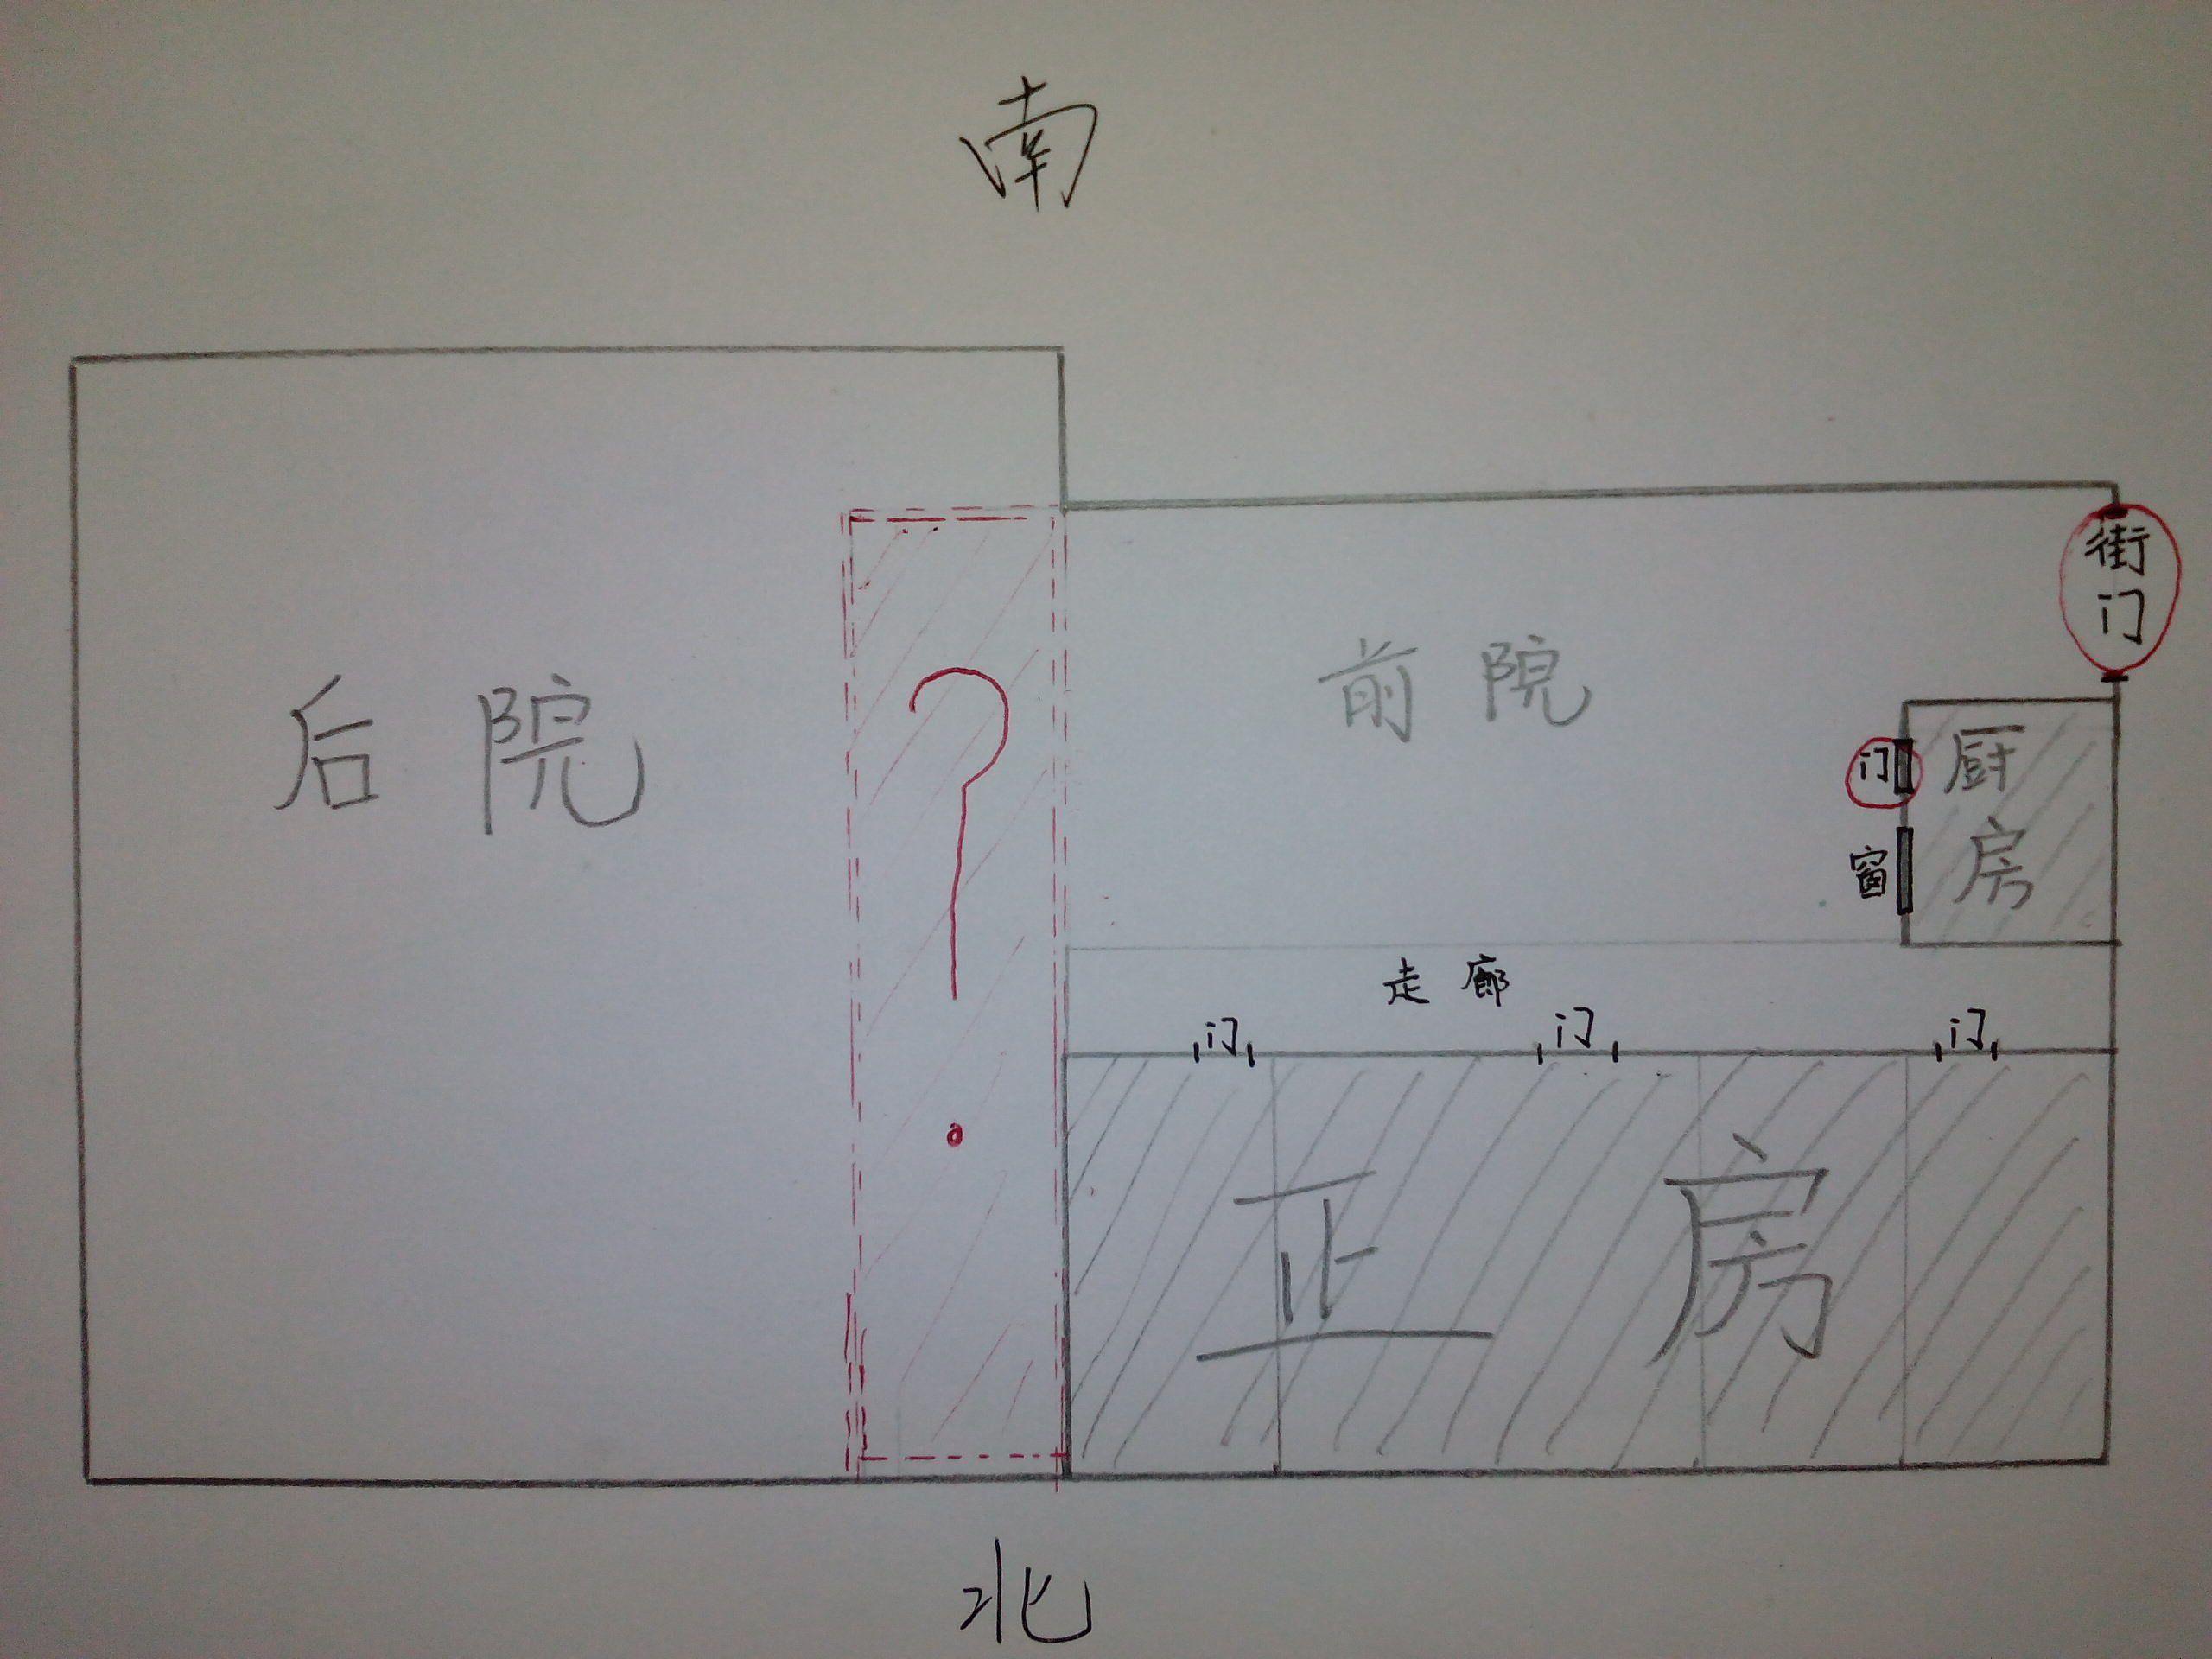 求助风水学大师——农村的房子与后院之间的门应该怎样设计?